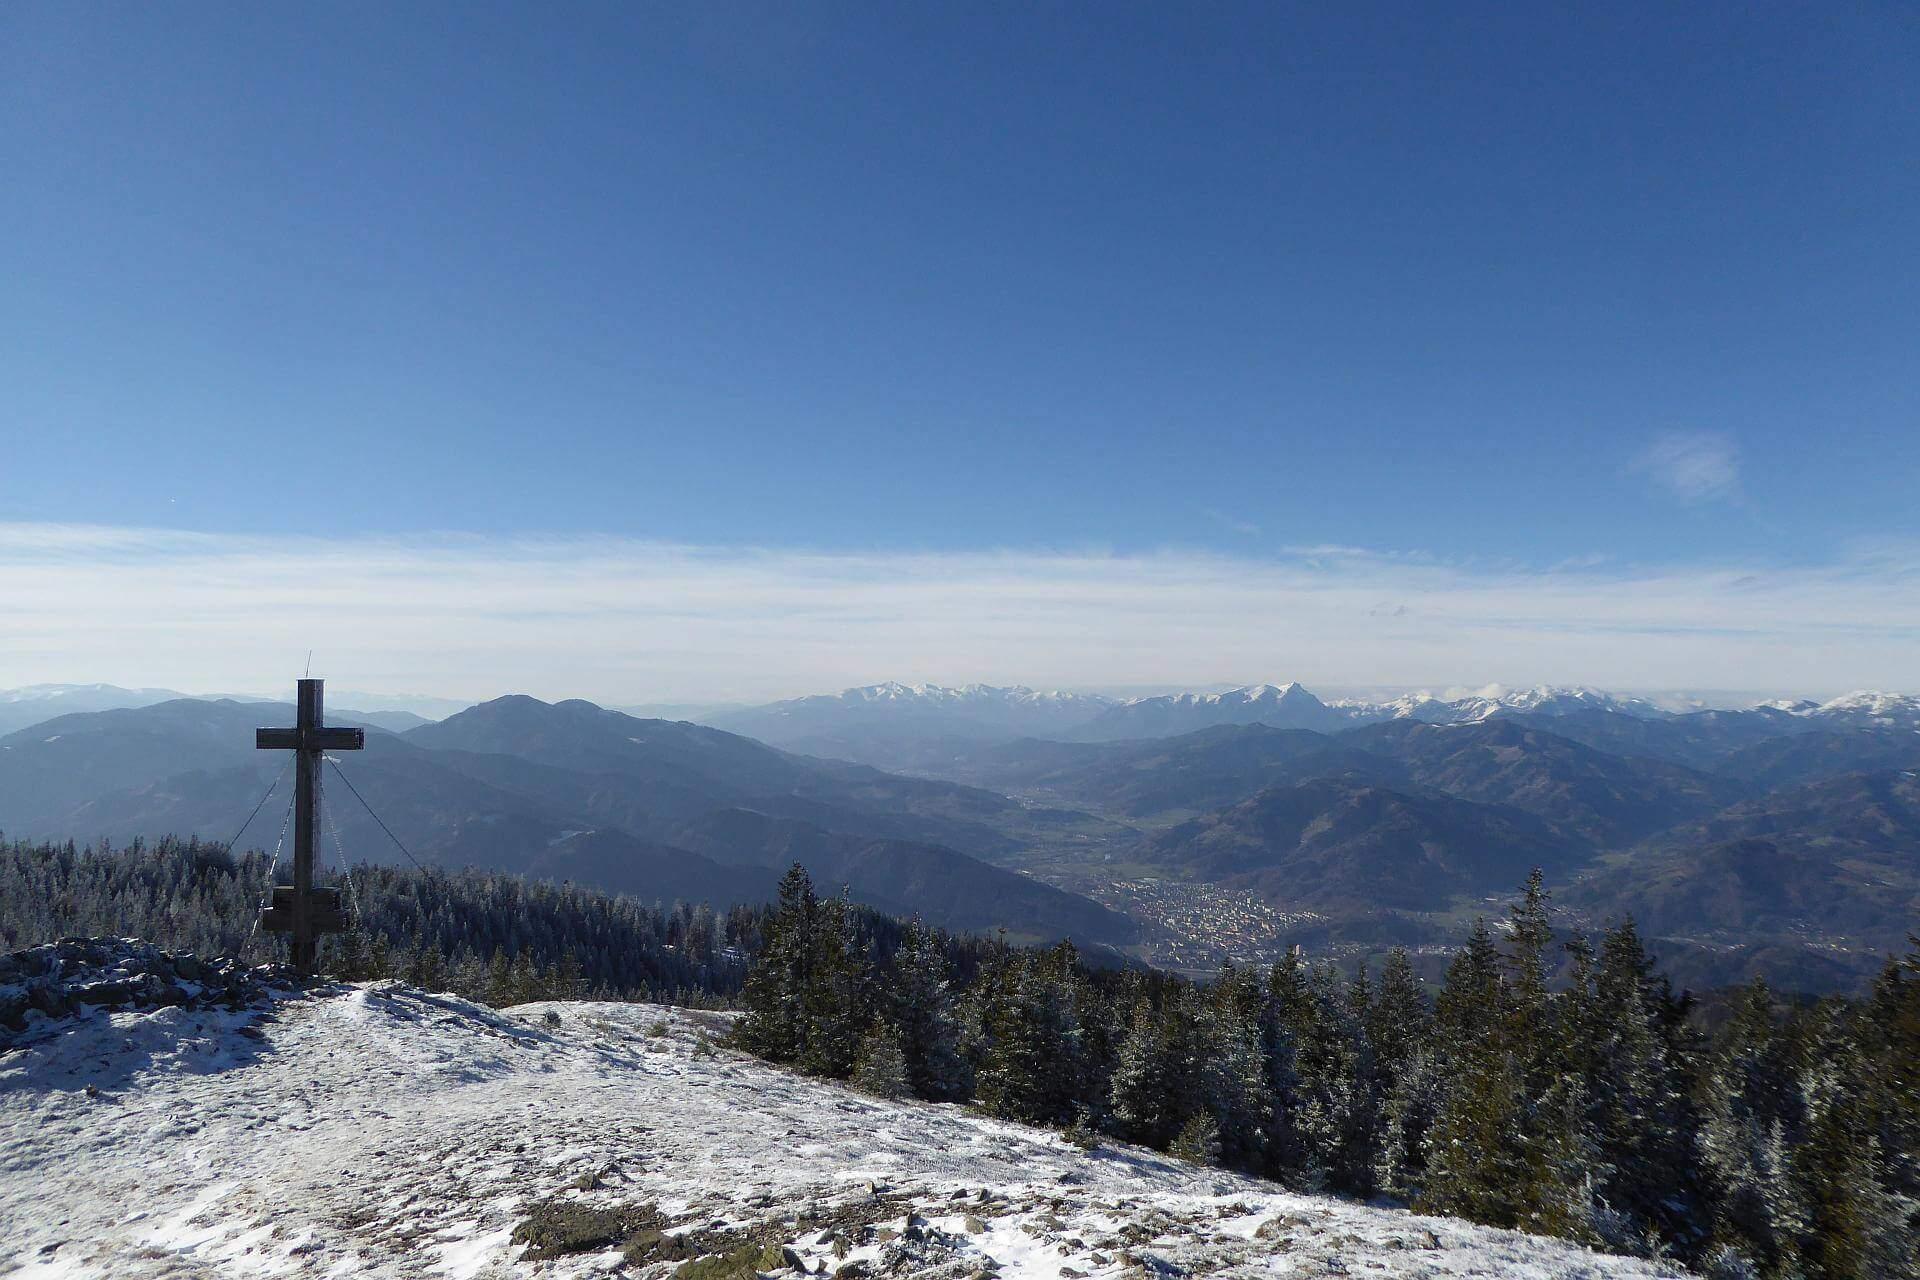 Die Aussicht vom Gipfel des Rennfelds ist sensationell!